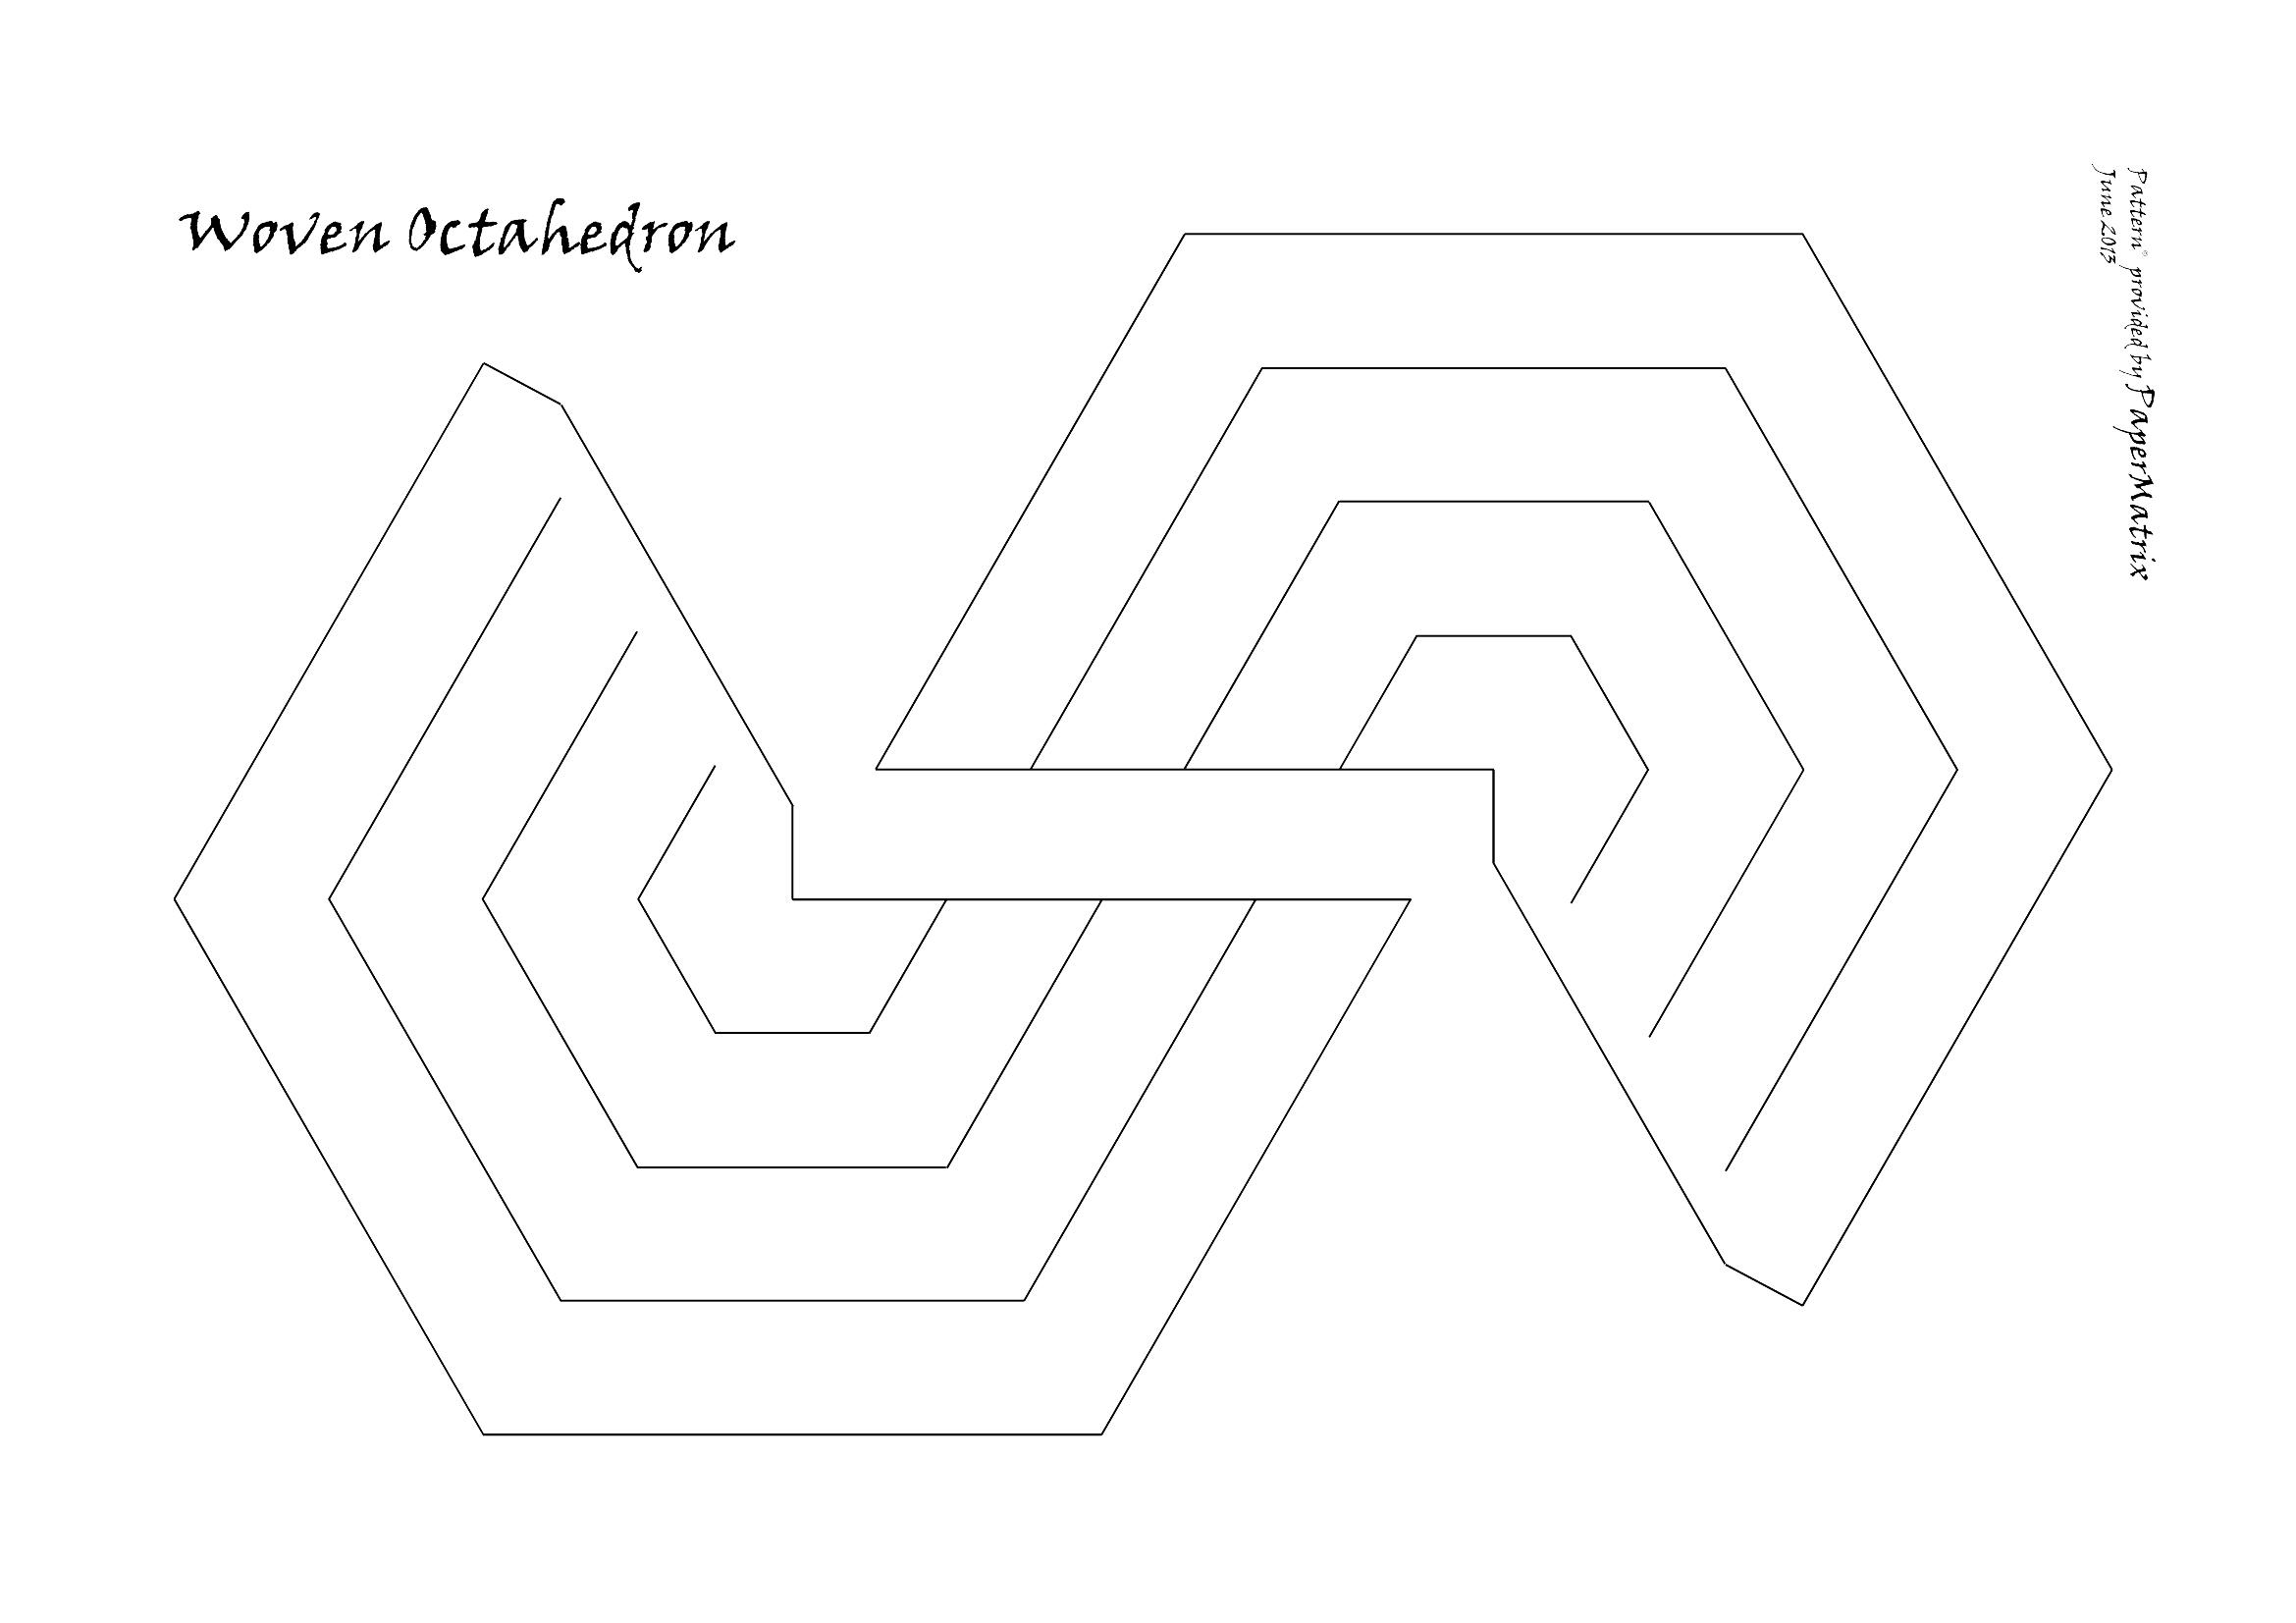 Octa 1 Octahedron Pattern